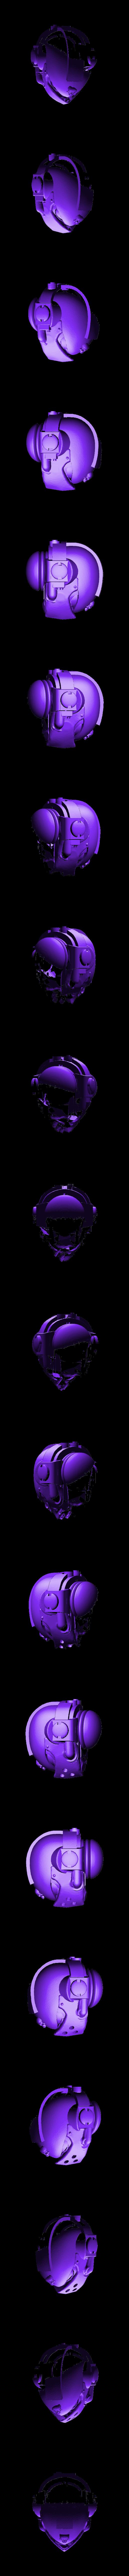 Head 7.stl Télécharger fichier STL gratuit L'équipe des Chevaliers gris Primaris • Modèle pour imprimante 3D, joeldawson93